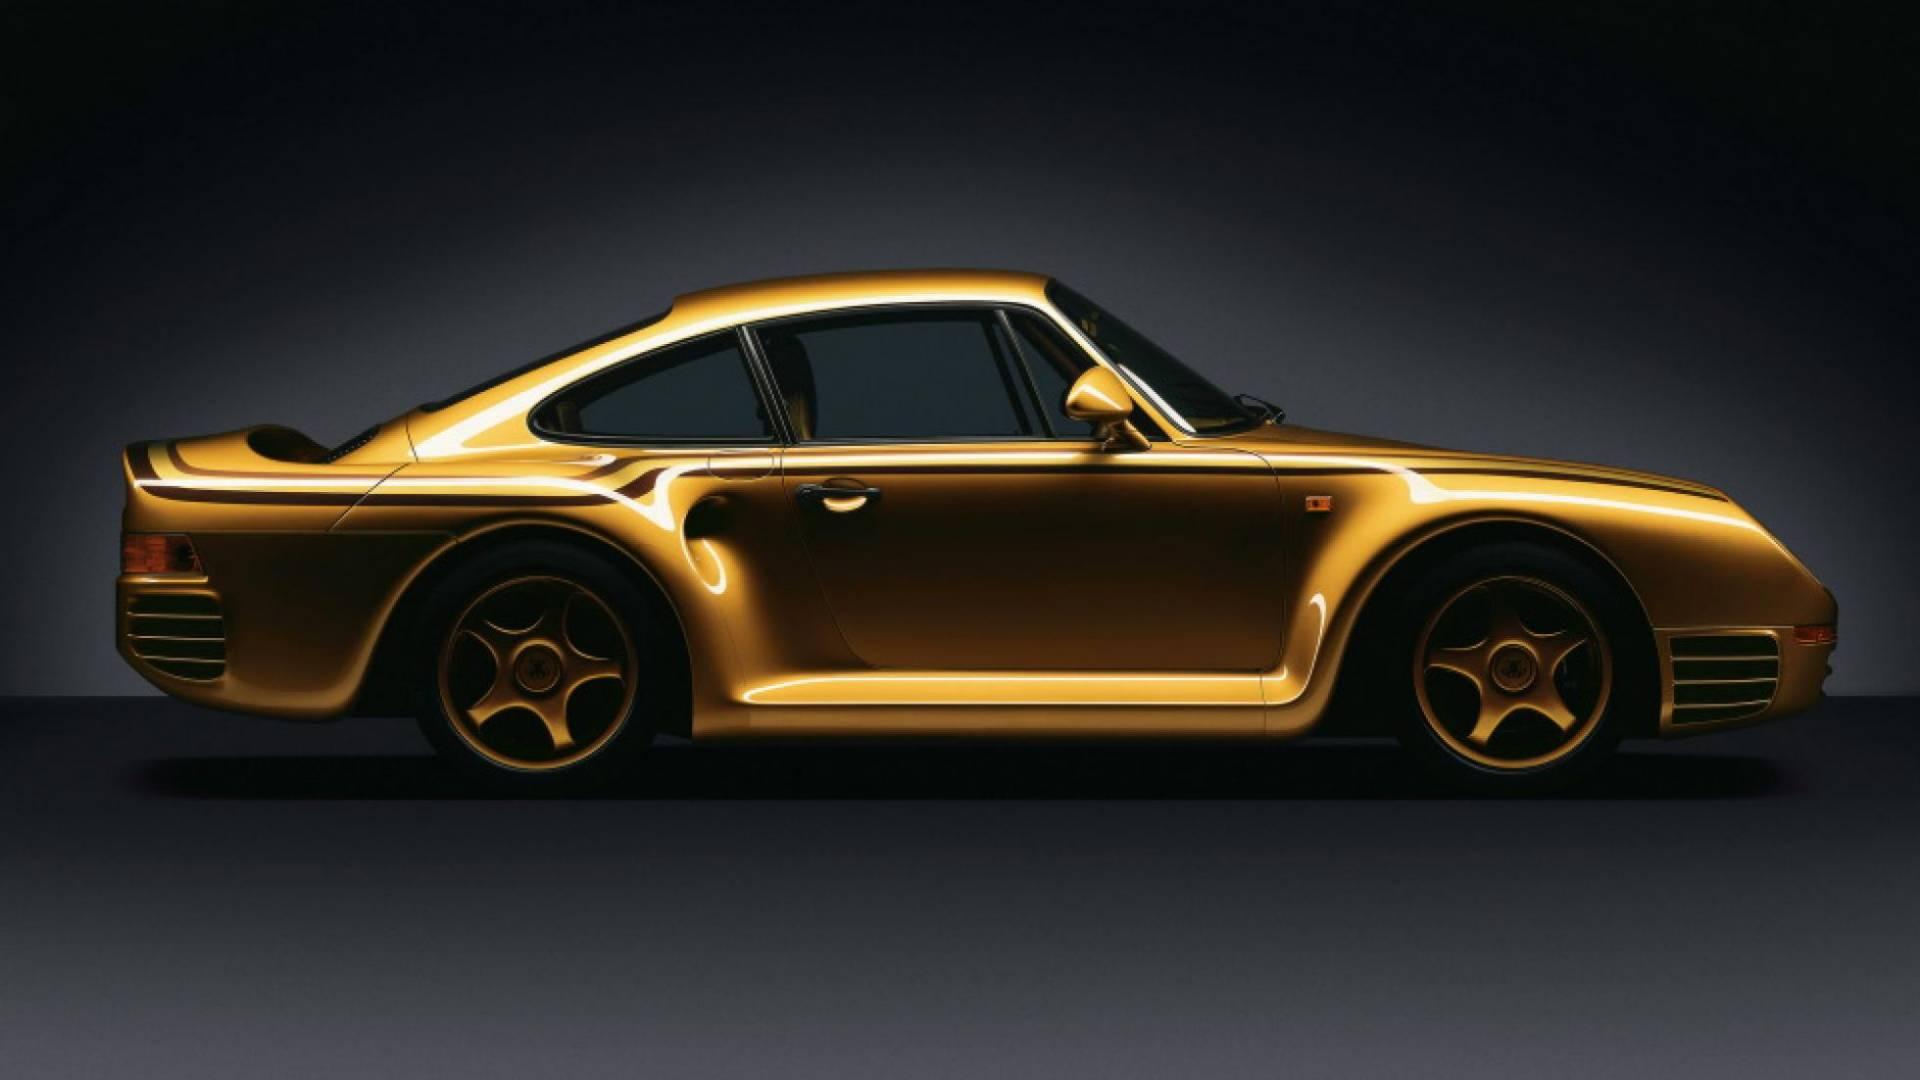 Porsche 959 vàng Gold của hoàng tộc Qatar, 'độc' nhưng chưa phải là tất cả 1